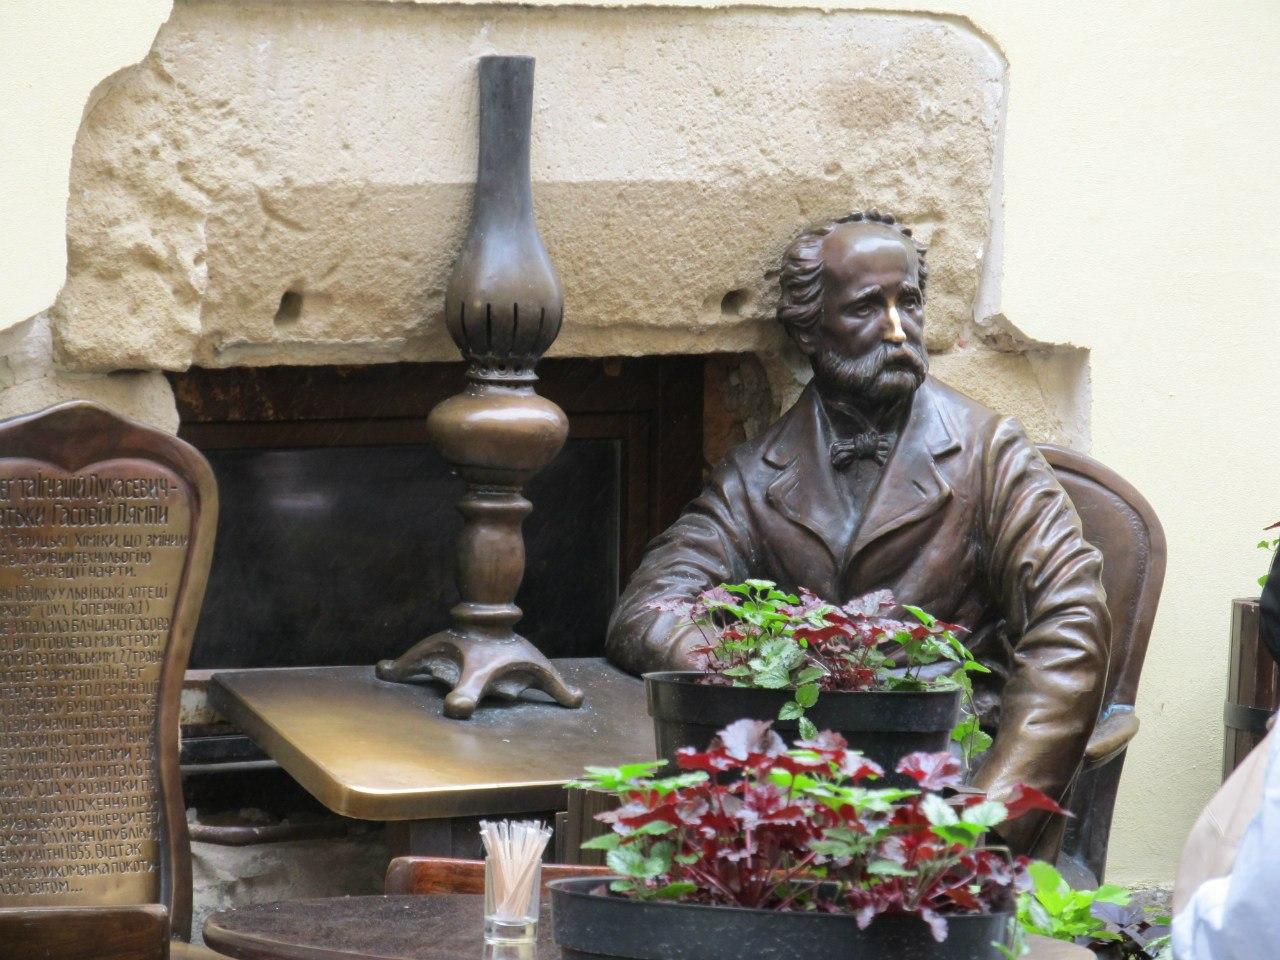 Ігнатій Лукасевич - винахідник гасової лямпи